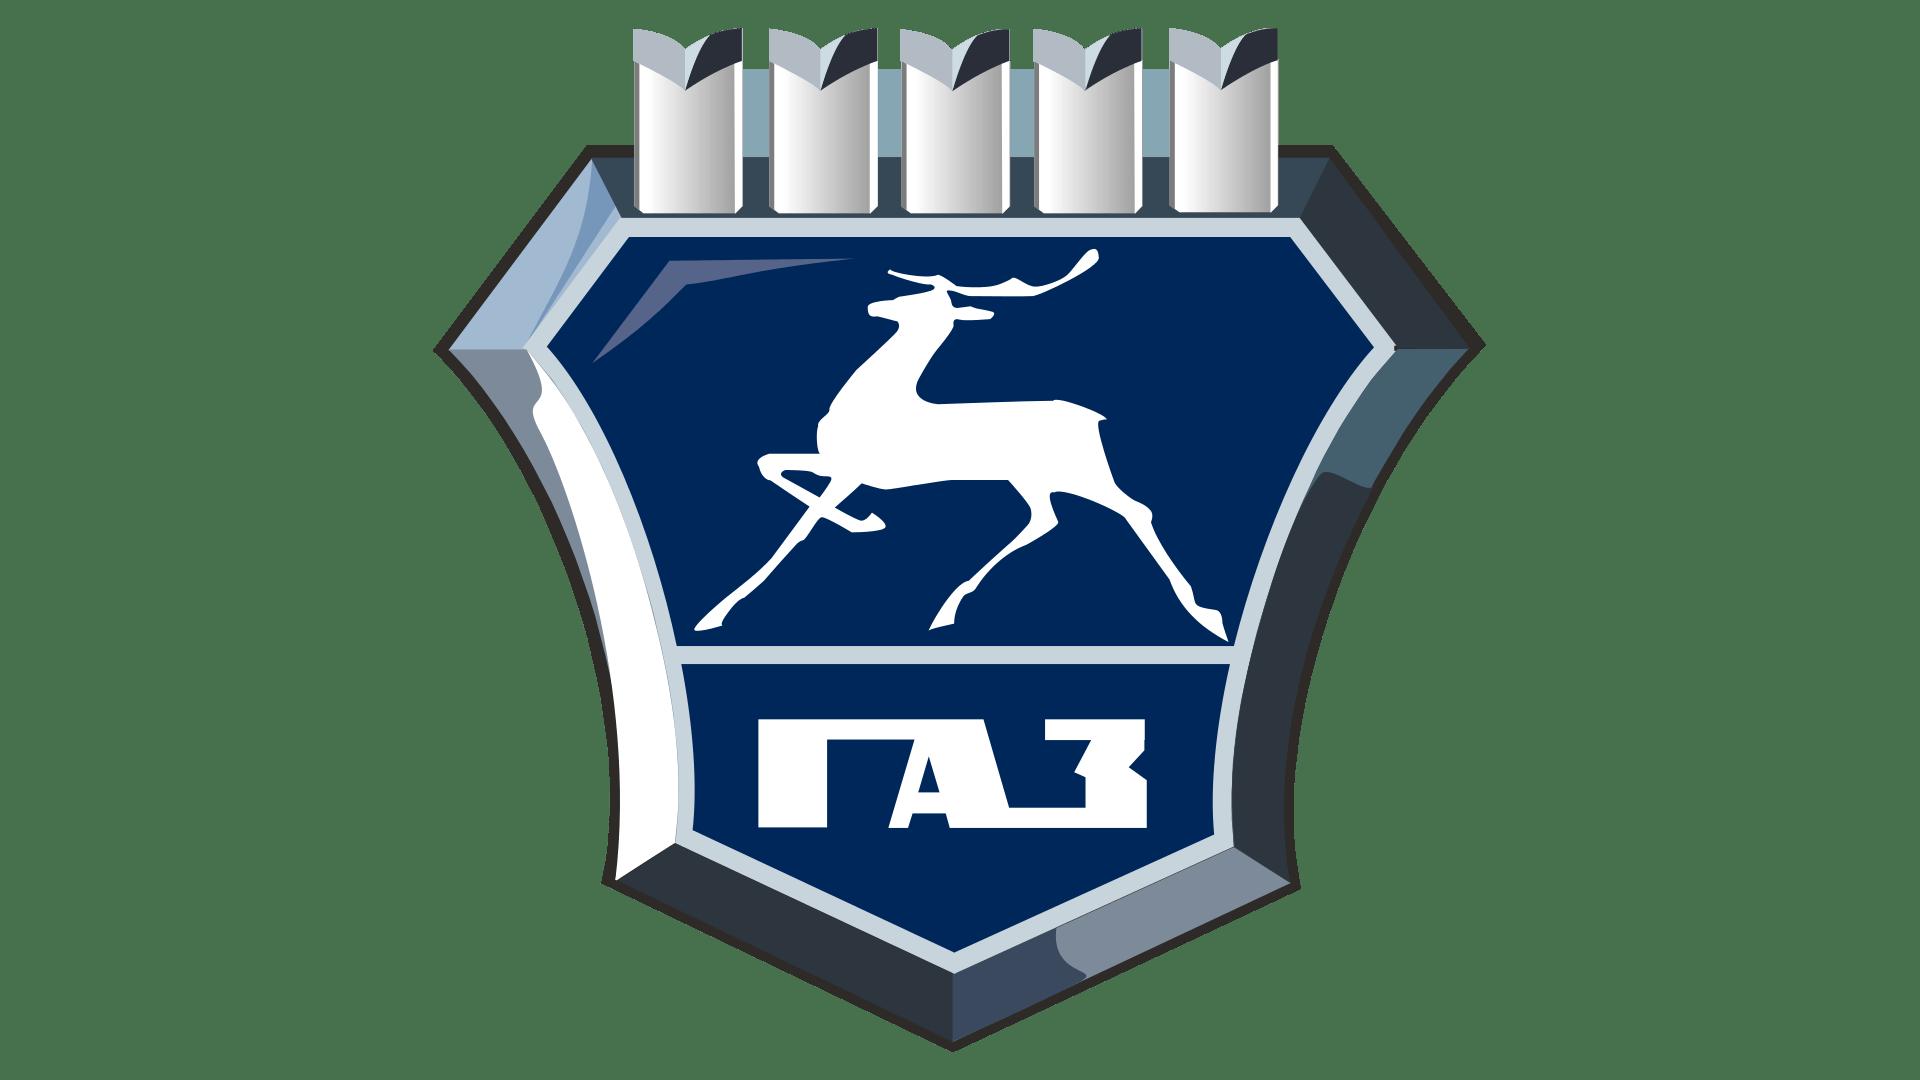 Логотип ГАЗ (Горьковский Автомобильный Завод)